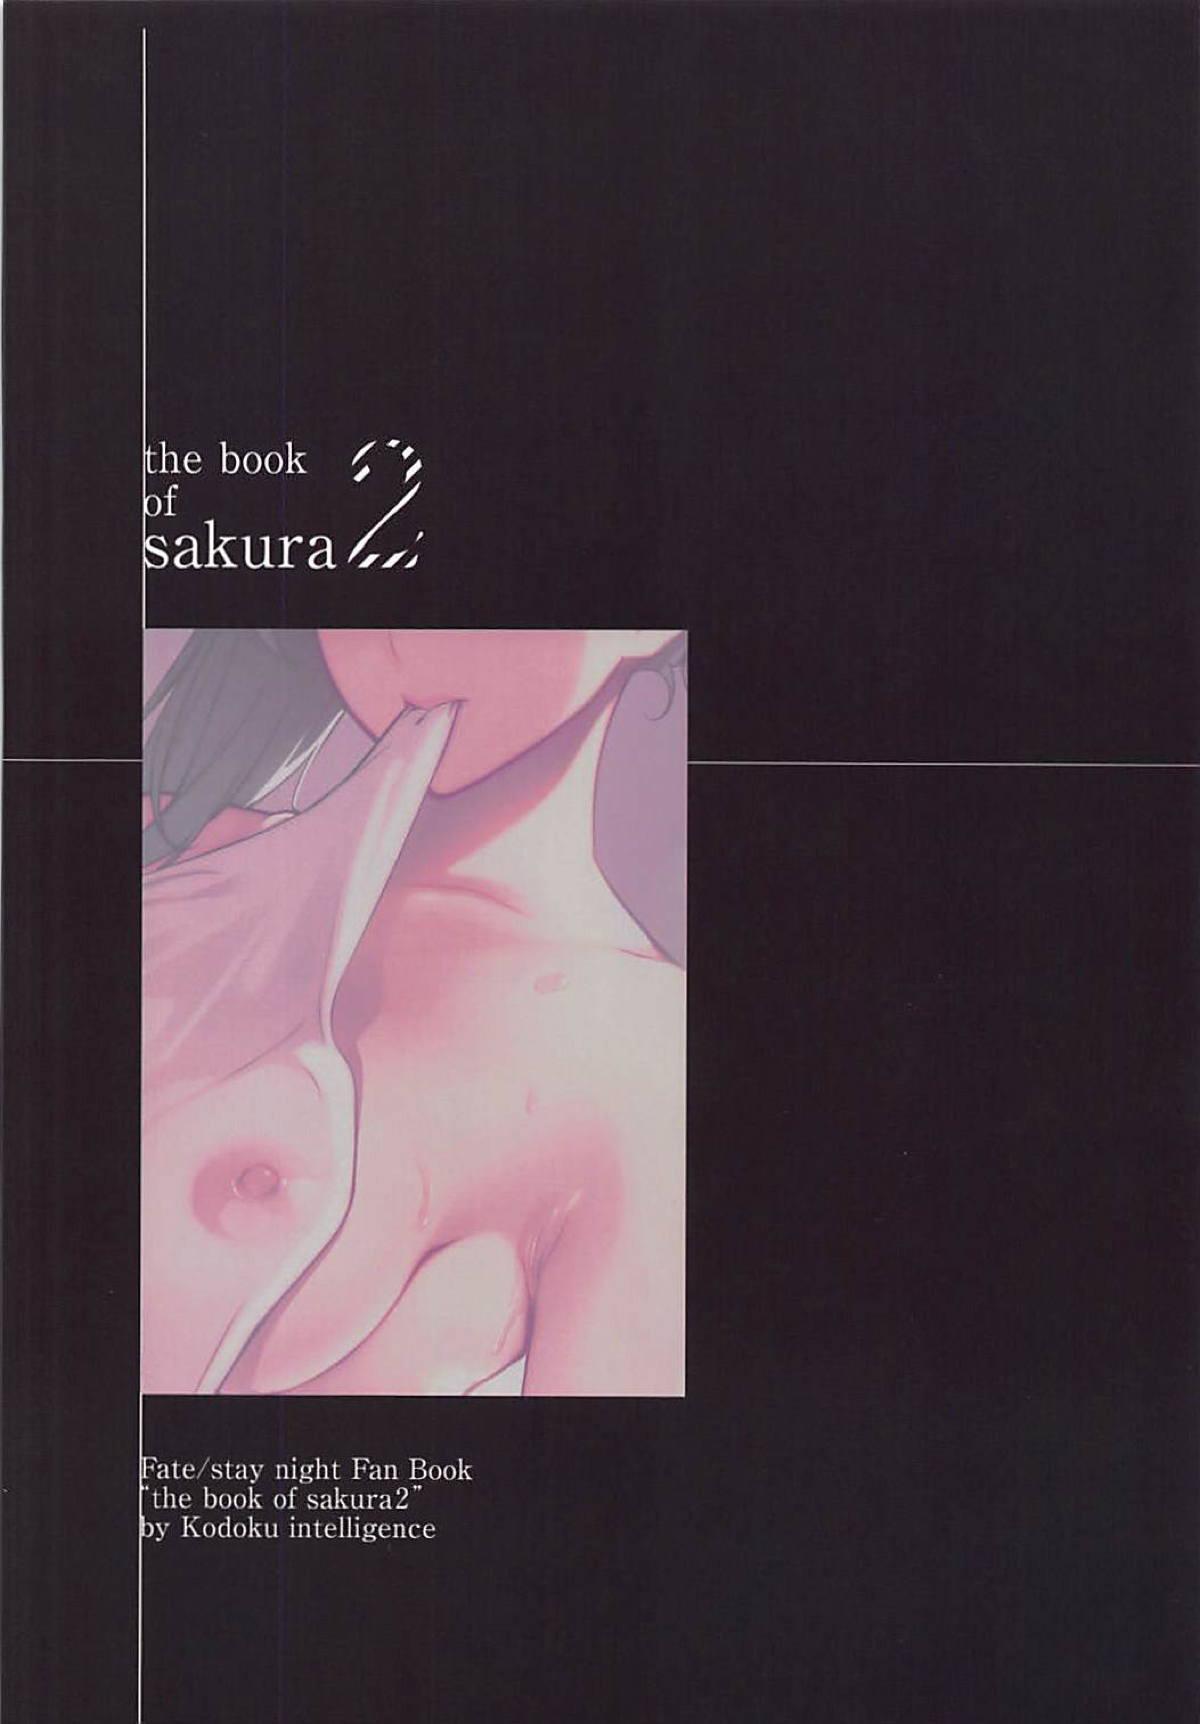 THE BOOK OF SAKURA 2 16